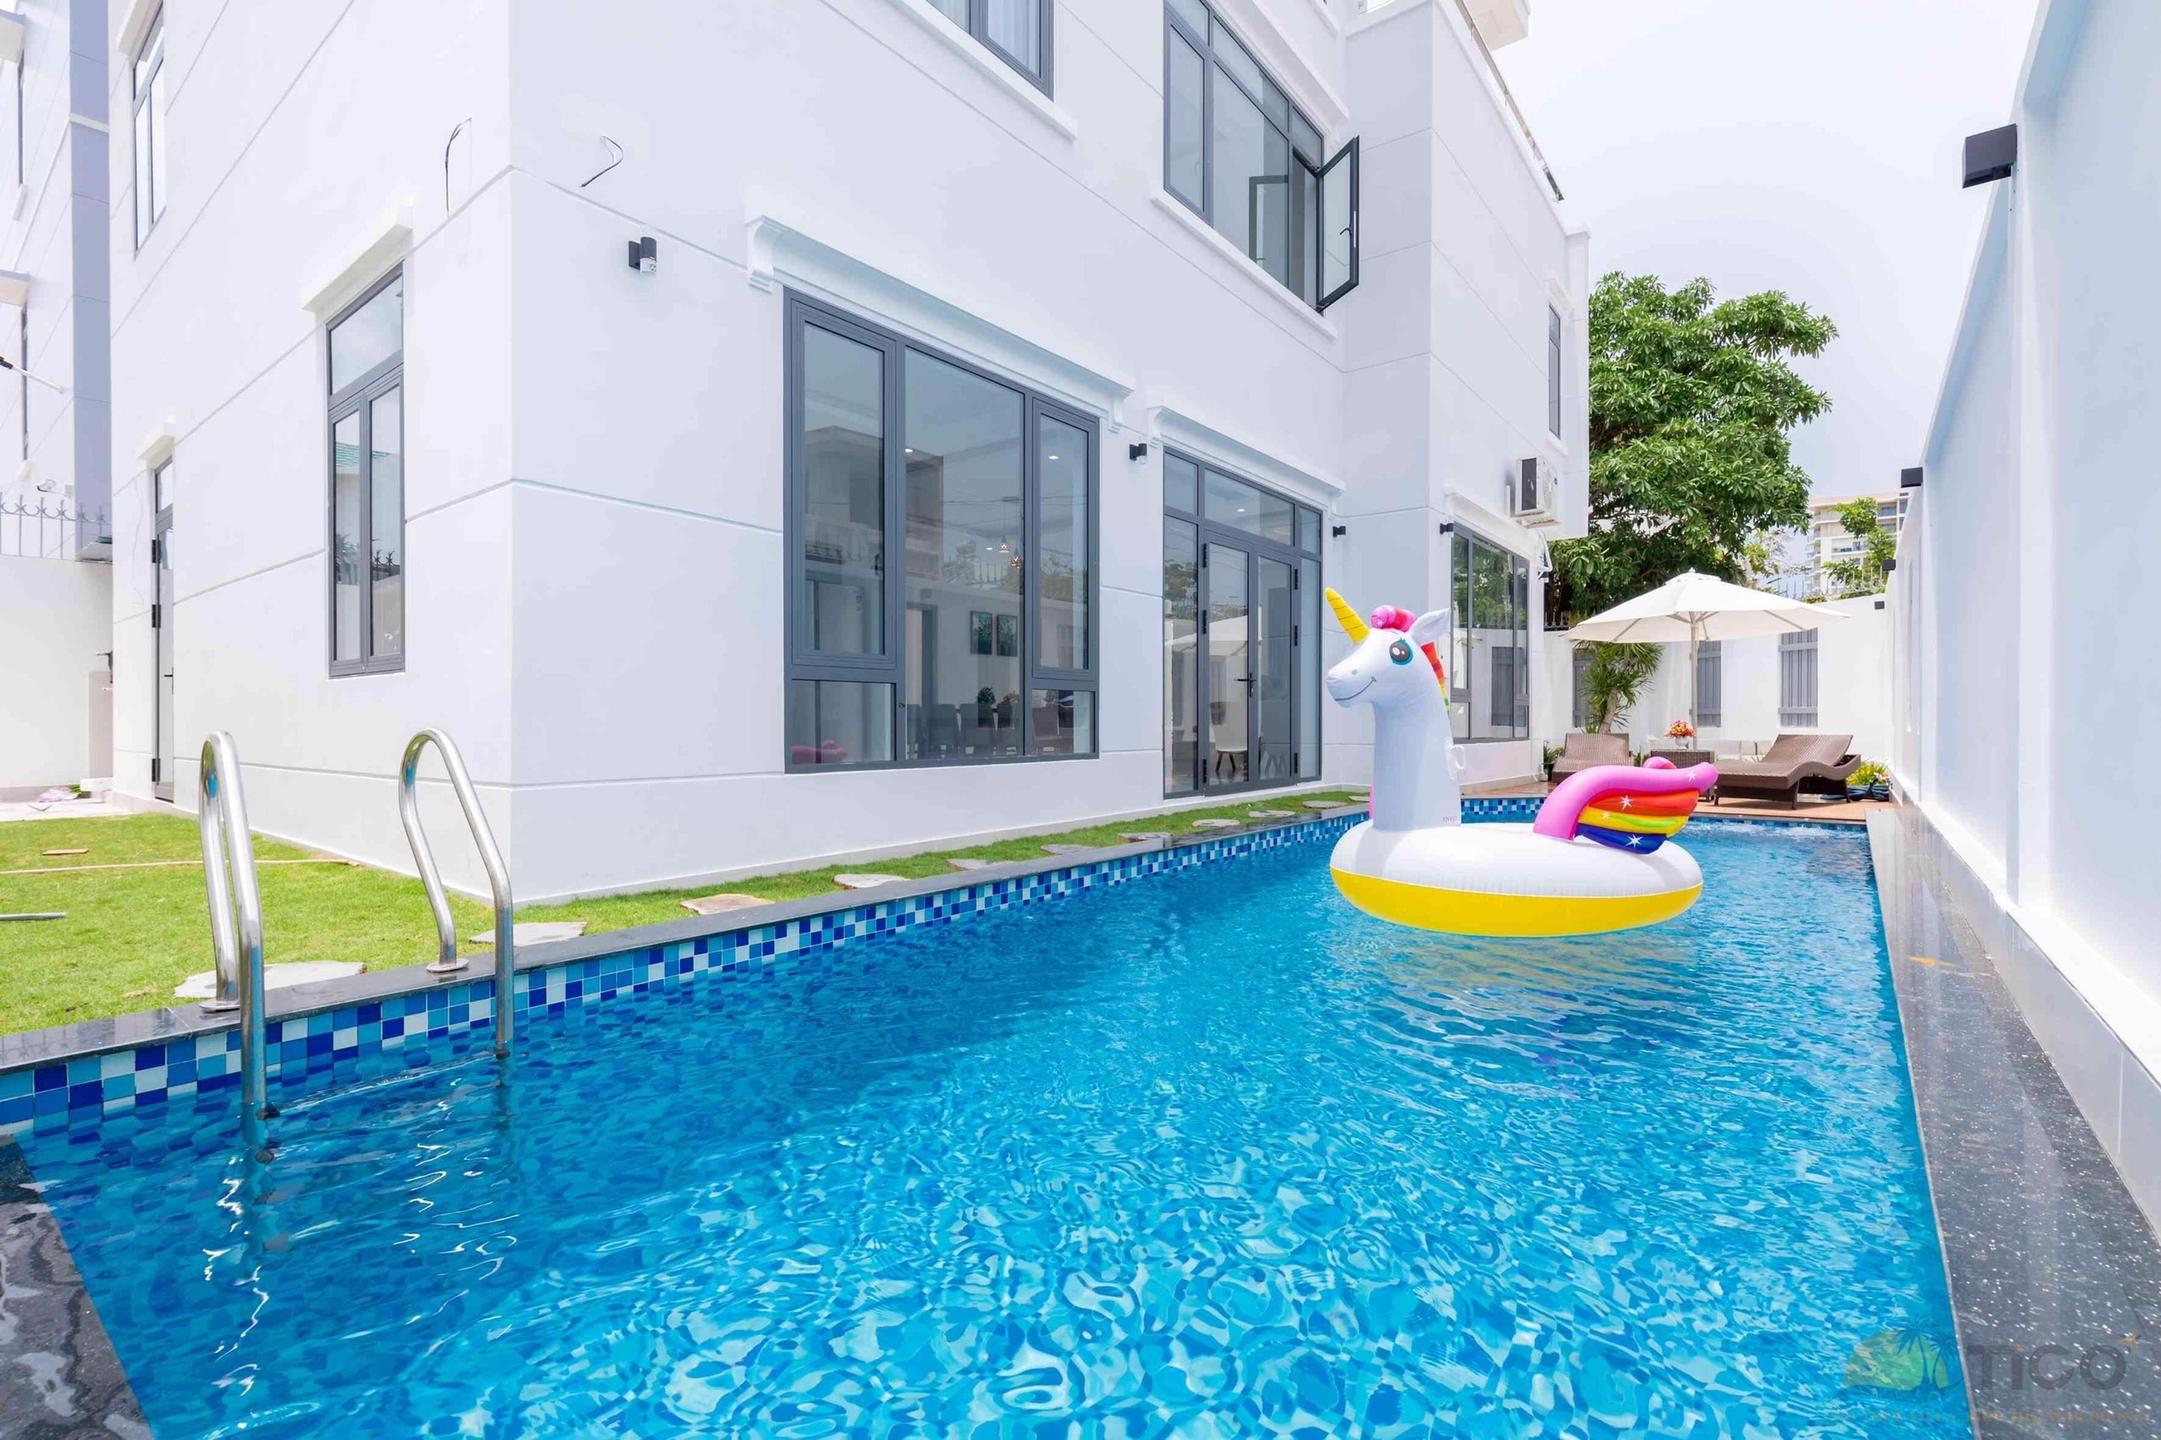 Cho thuê villa vũng tàu có hồ  (@chothuevillavungtaucohoboi) Cover Image